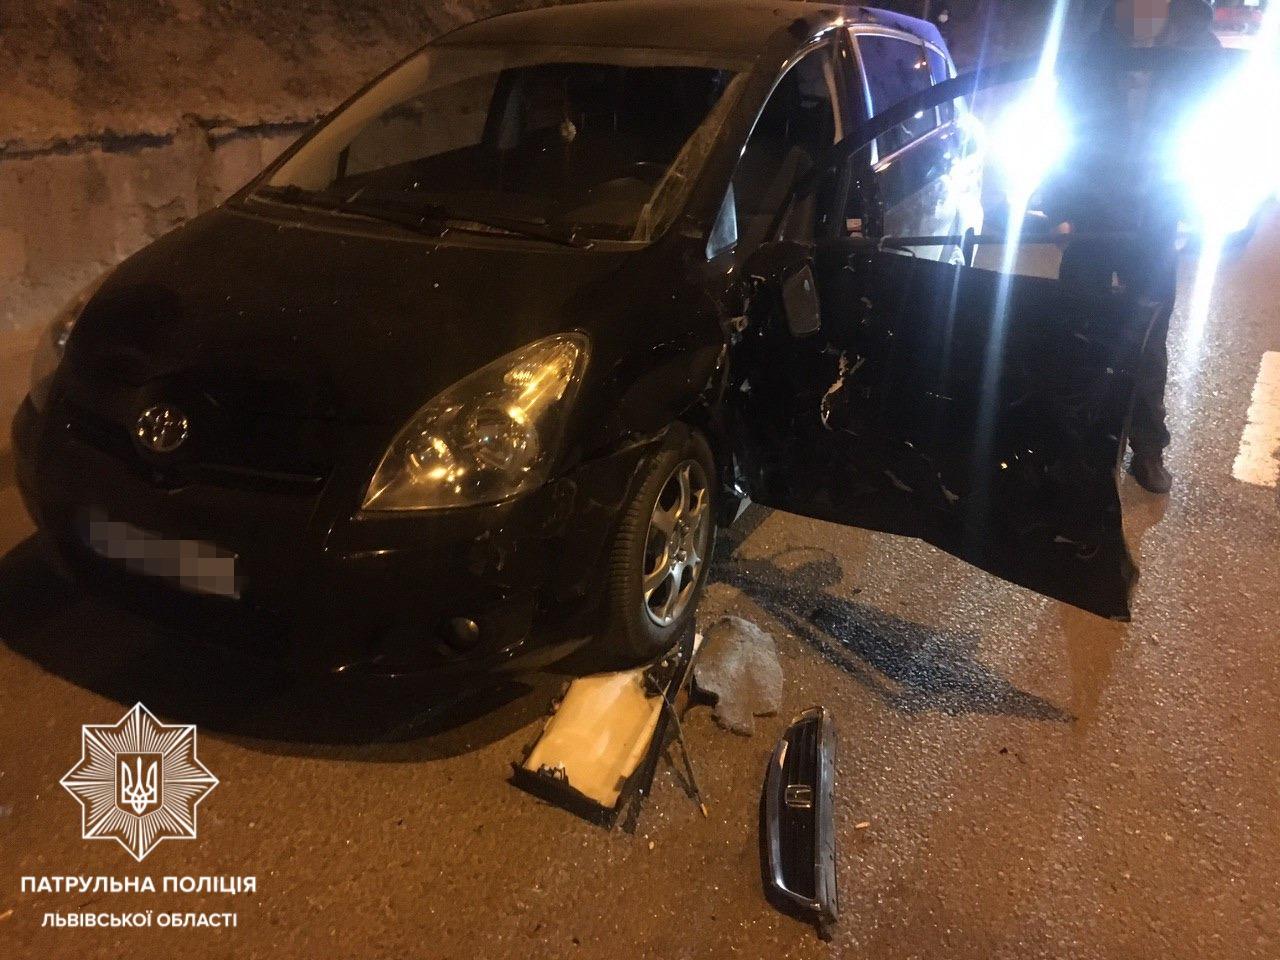 На Сихові водій врізався в припарковане авто та втік з місця ДТП